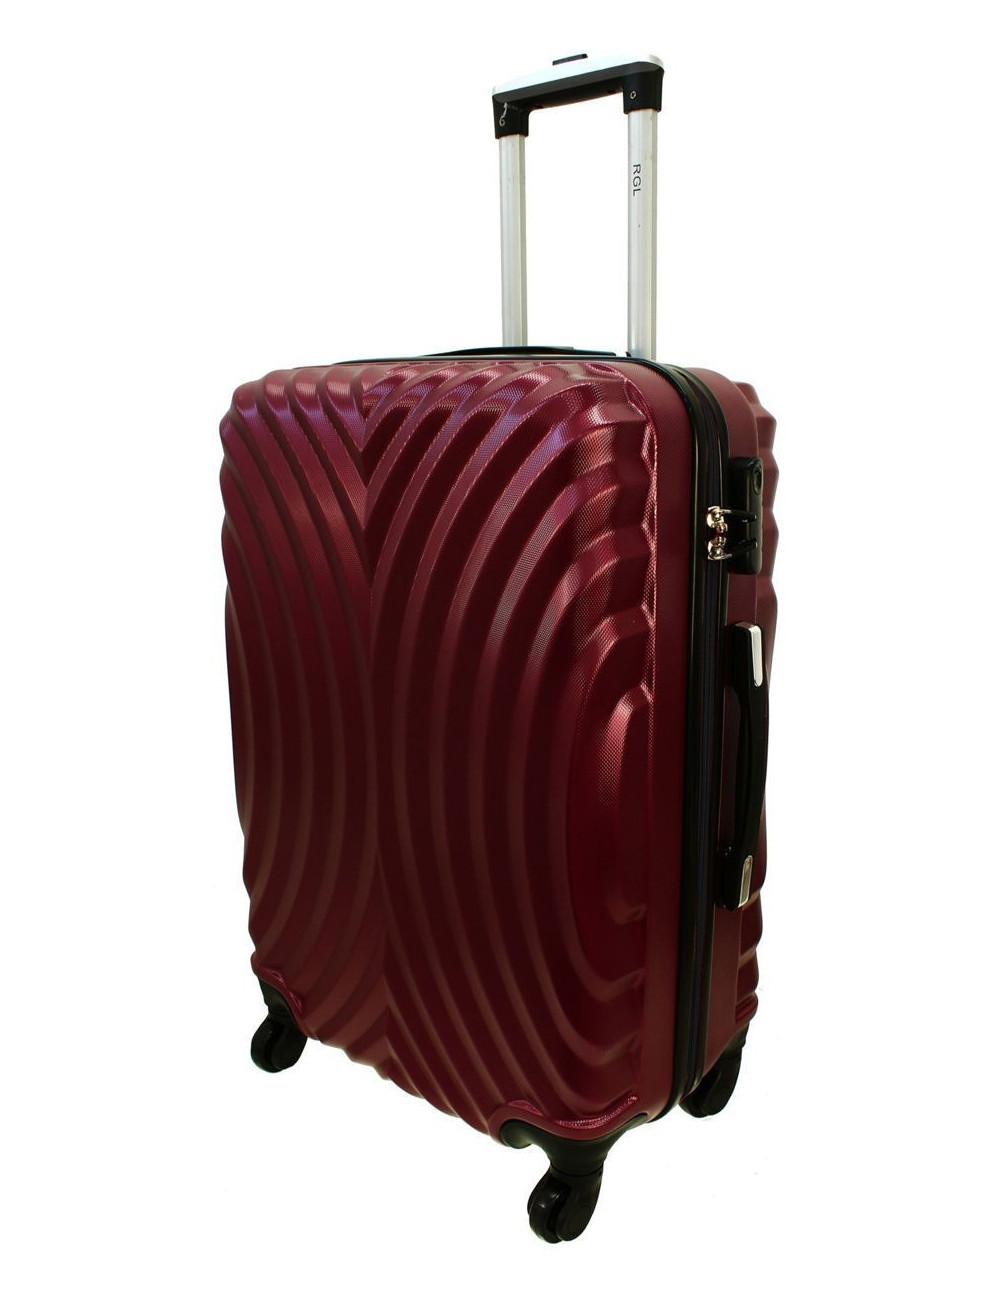 Duża walizka podróżna na kółkach 760 XXL - Bordowy